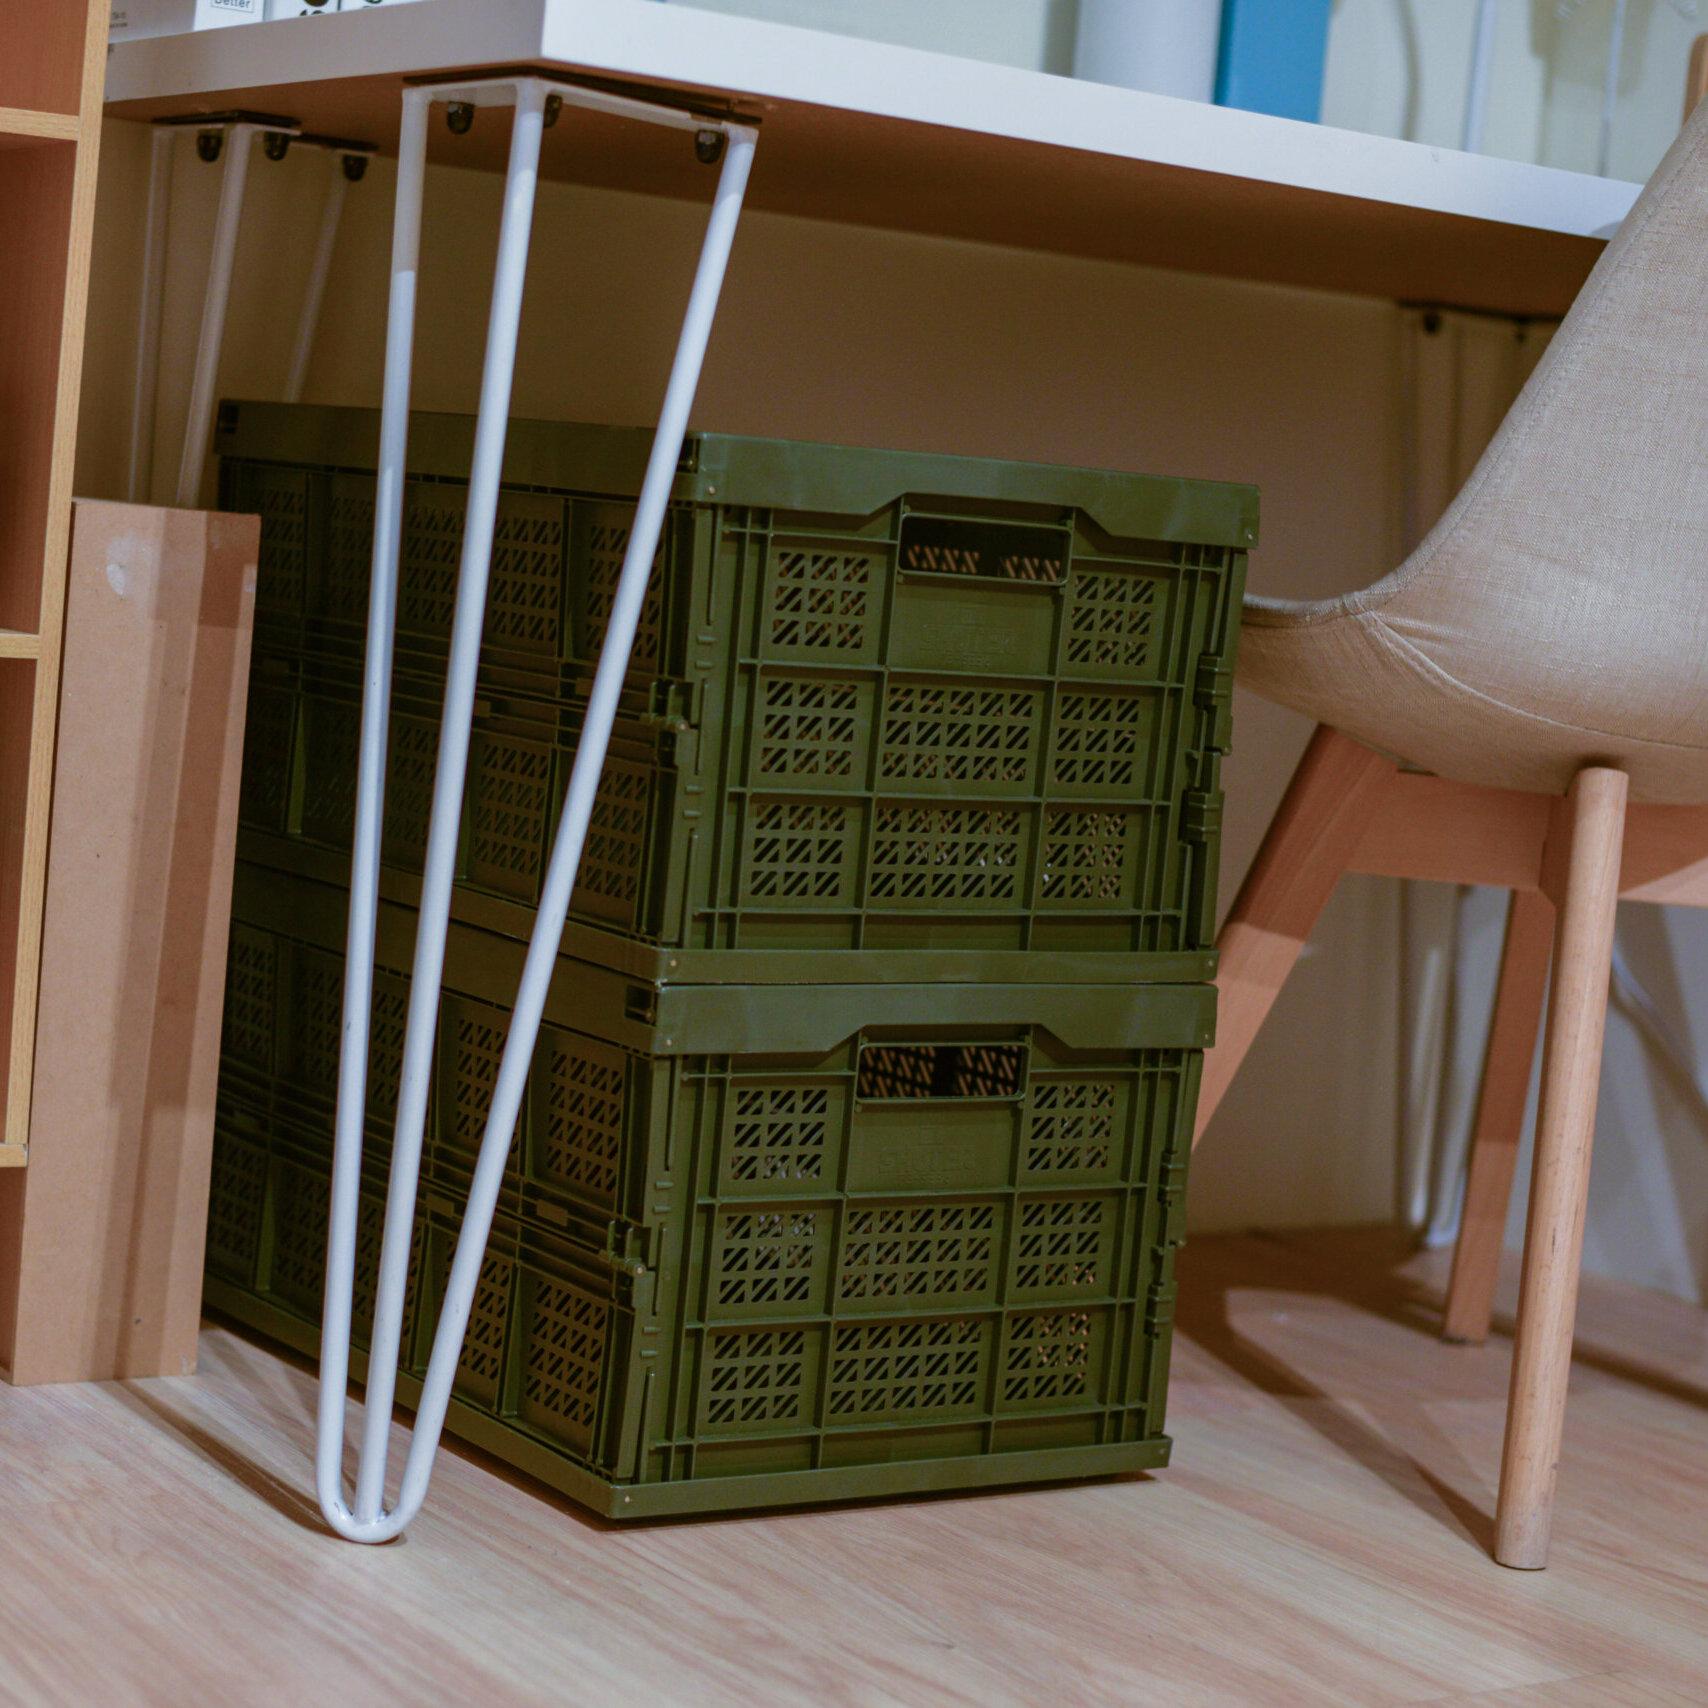 露營椅,露營桌,露營用品,戶外桌椅,戶外用品,收納櫃,折疊椅,戶外椅,戶外桌,工具箱,居家,露營 居家